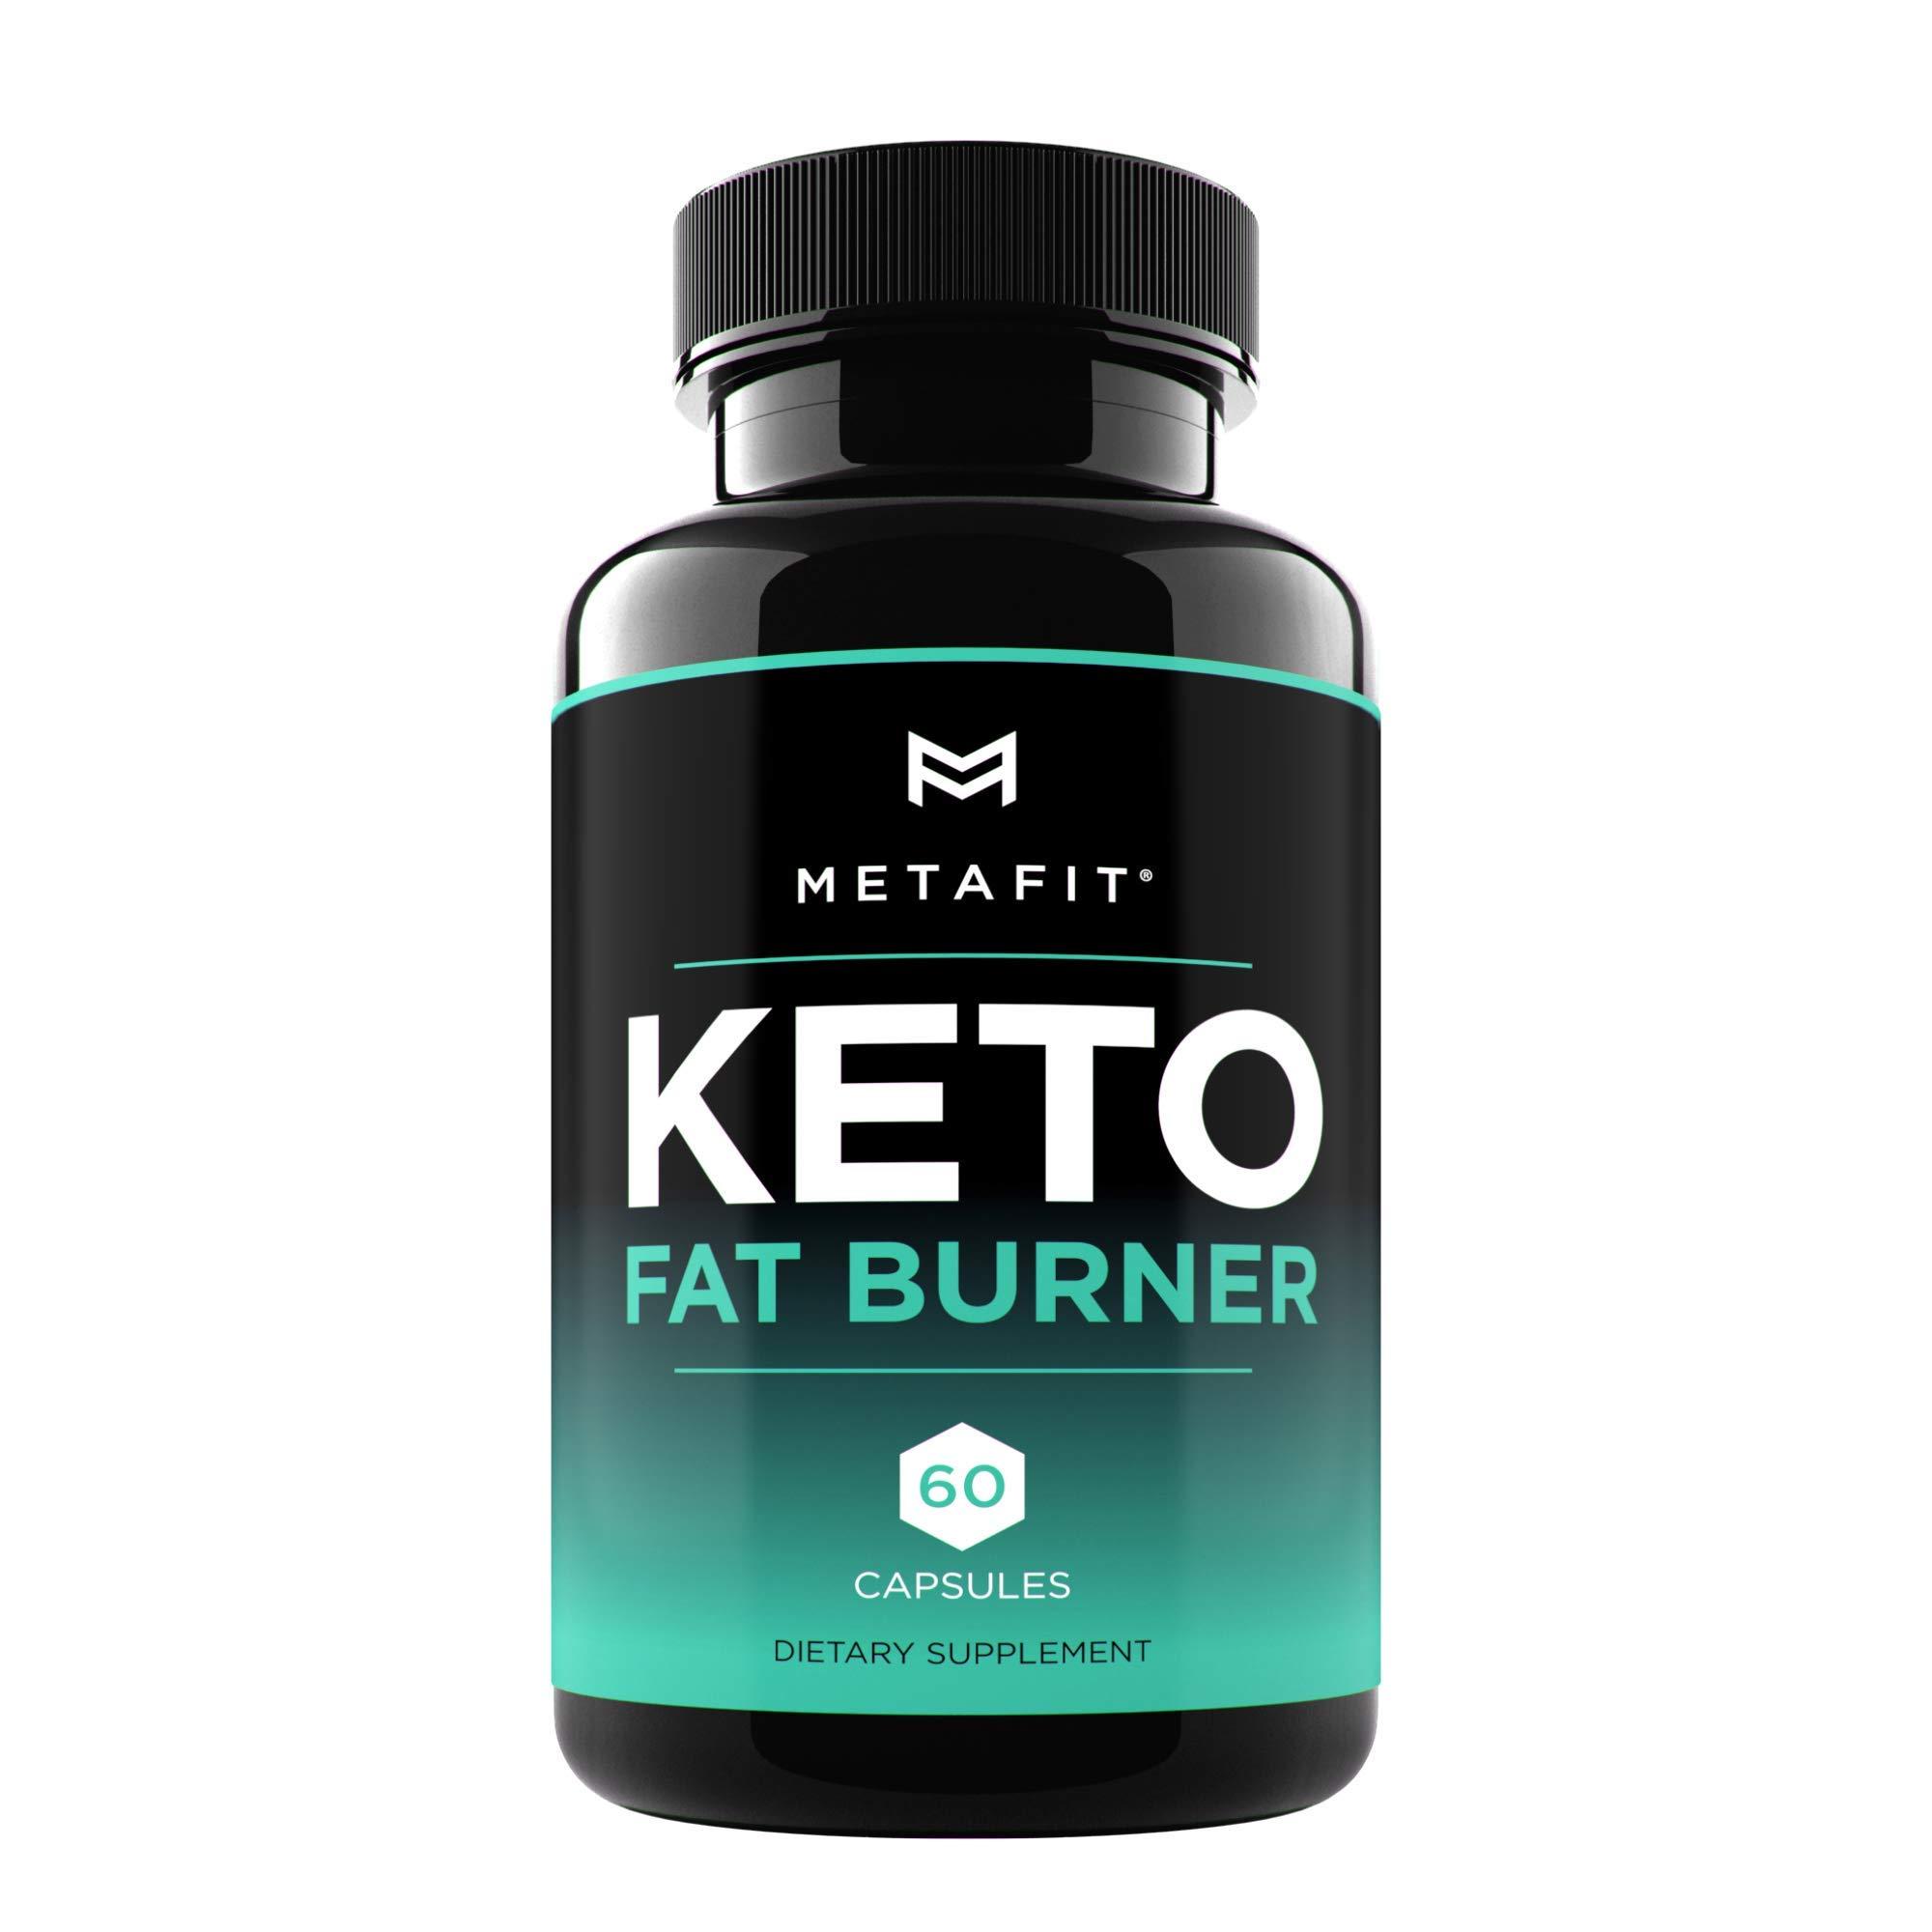 Keto Fat Burner Pills for Weight Loss - 60 Keto Burn Capsules - Ketosis Diet Supplement for Women & Men by METAFIT by Metafit